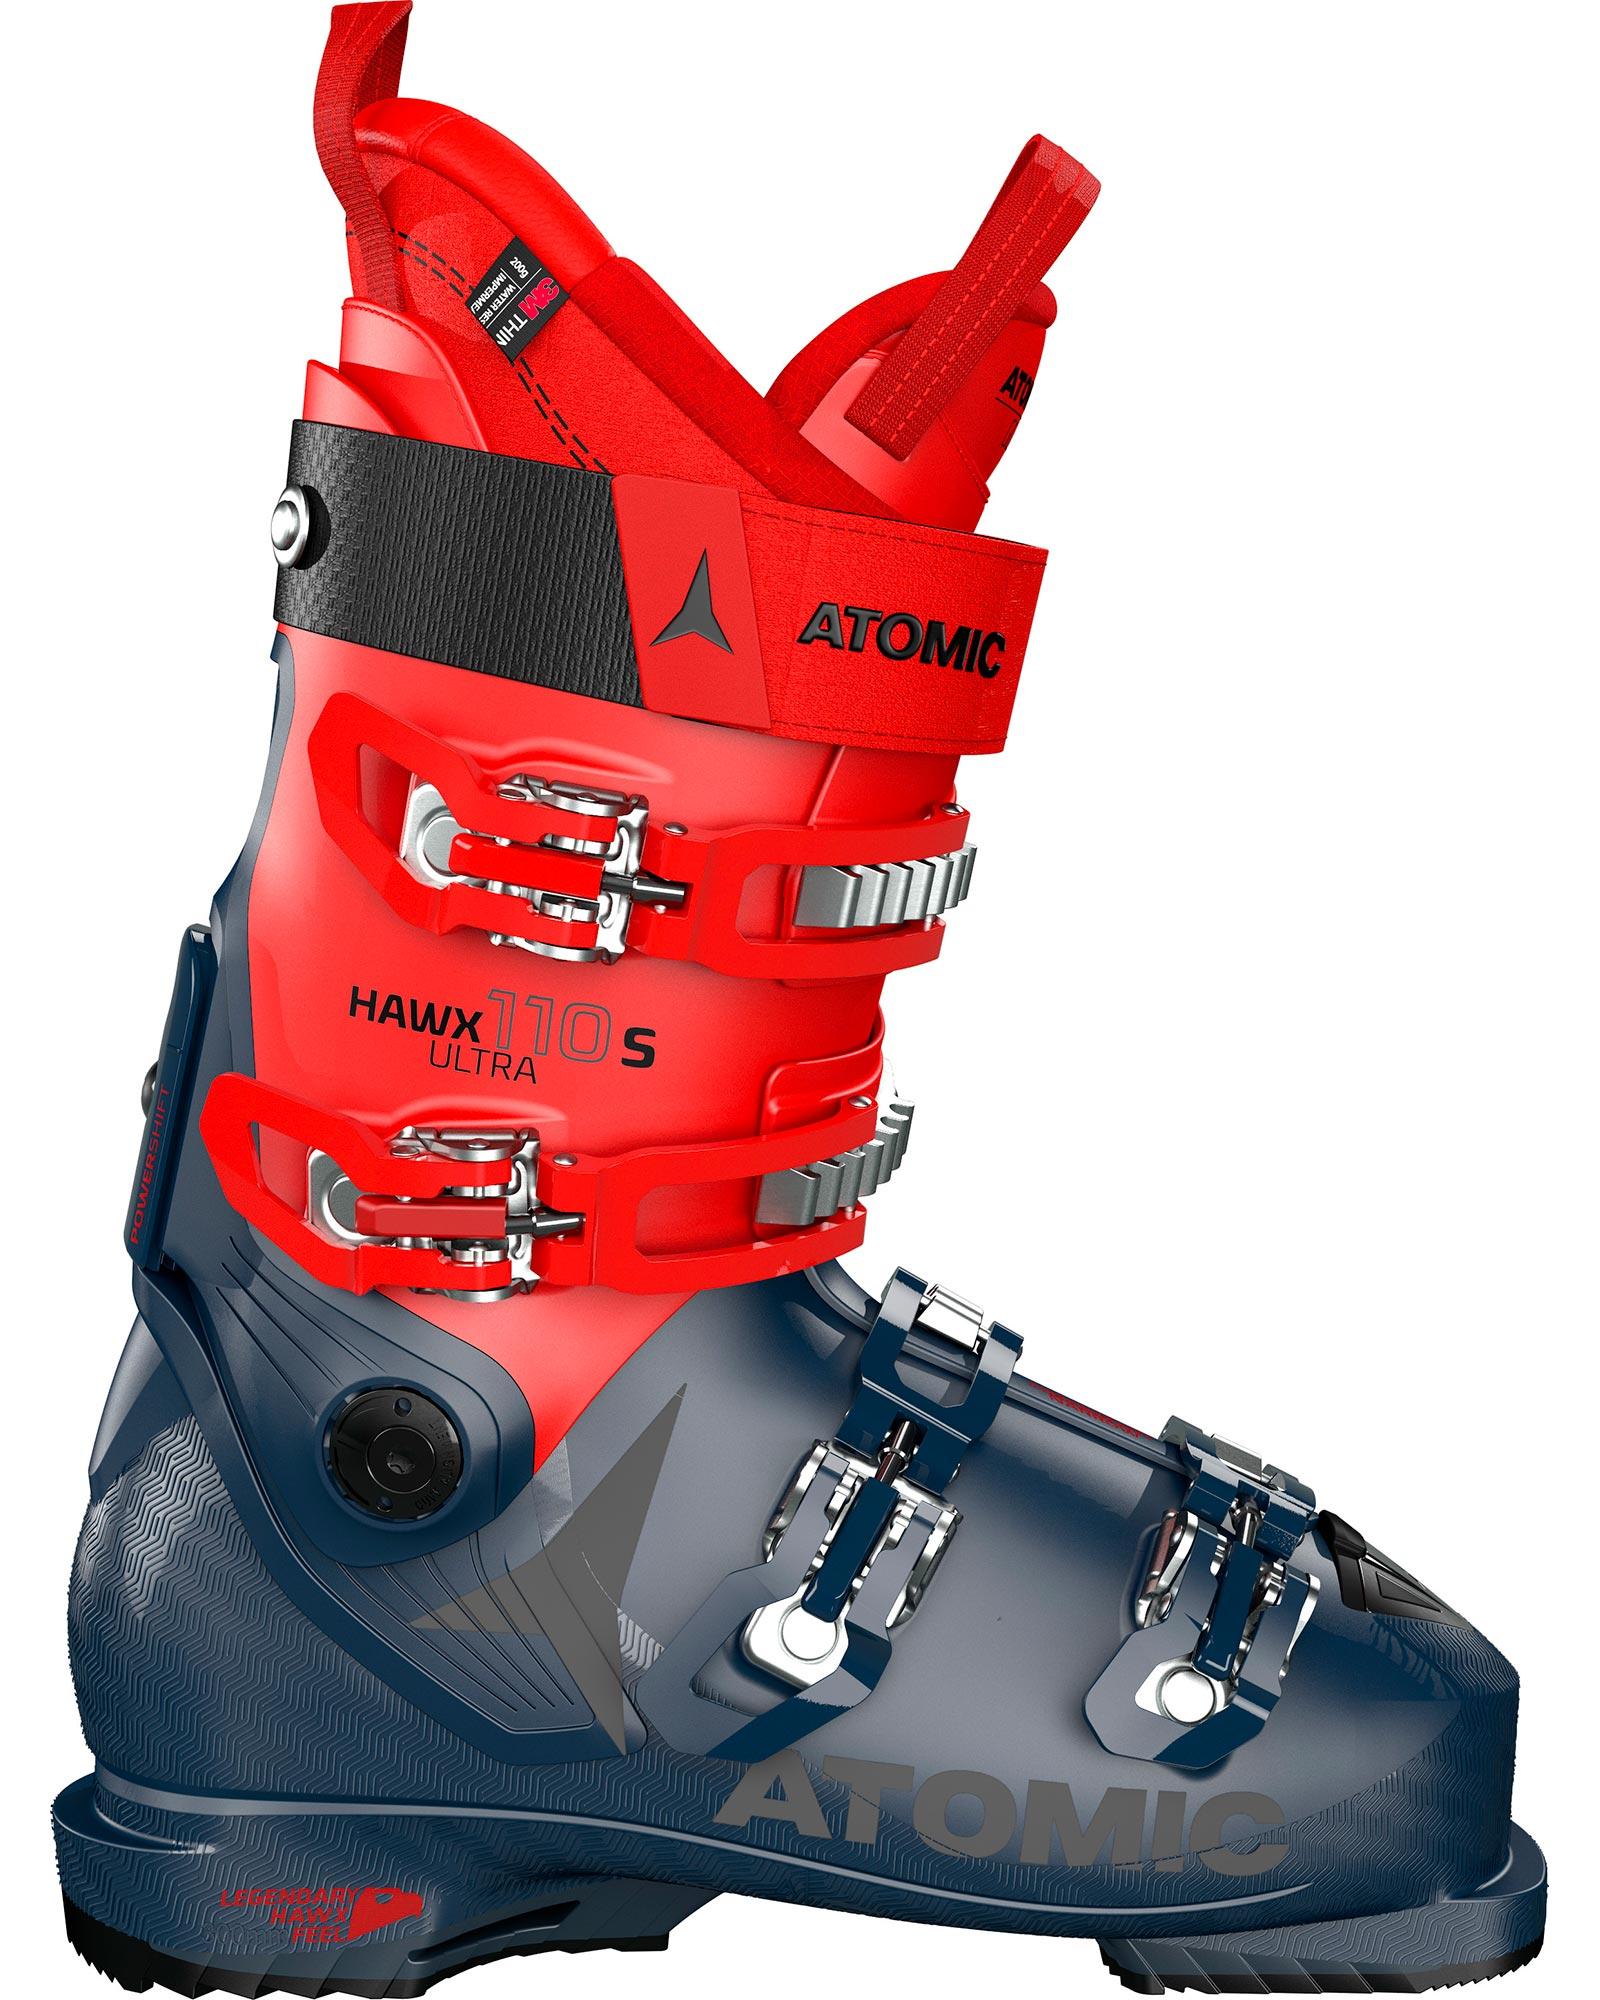 Atomic Men's Hawx Ultra 110 S Ski Boots 2020 / 2021 0